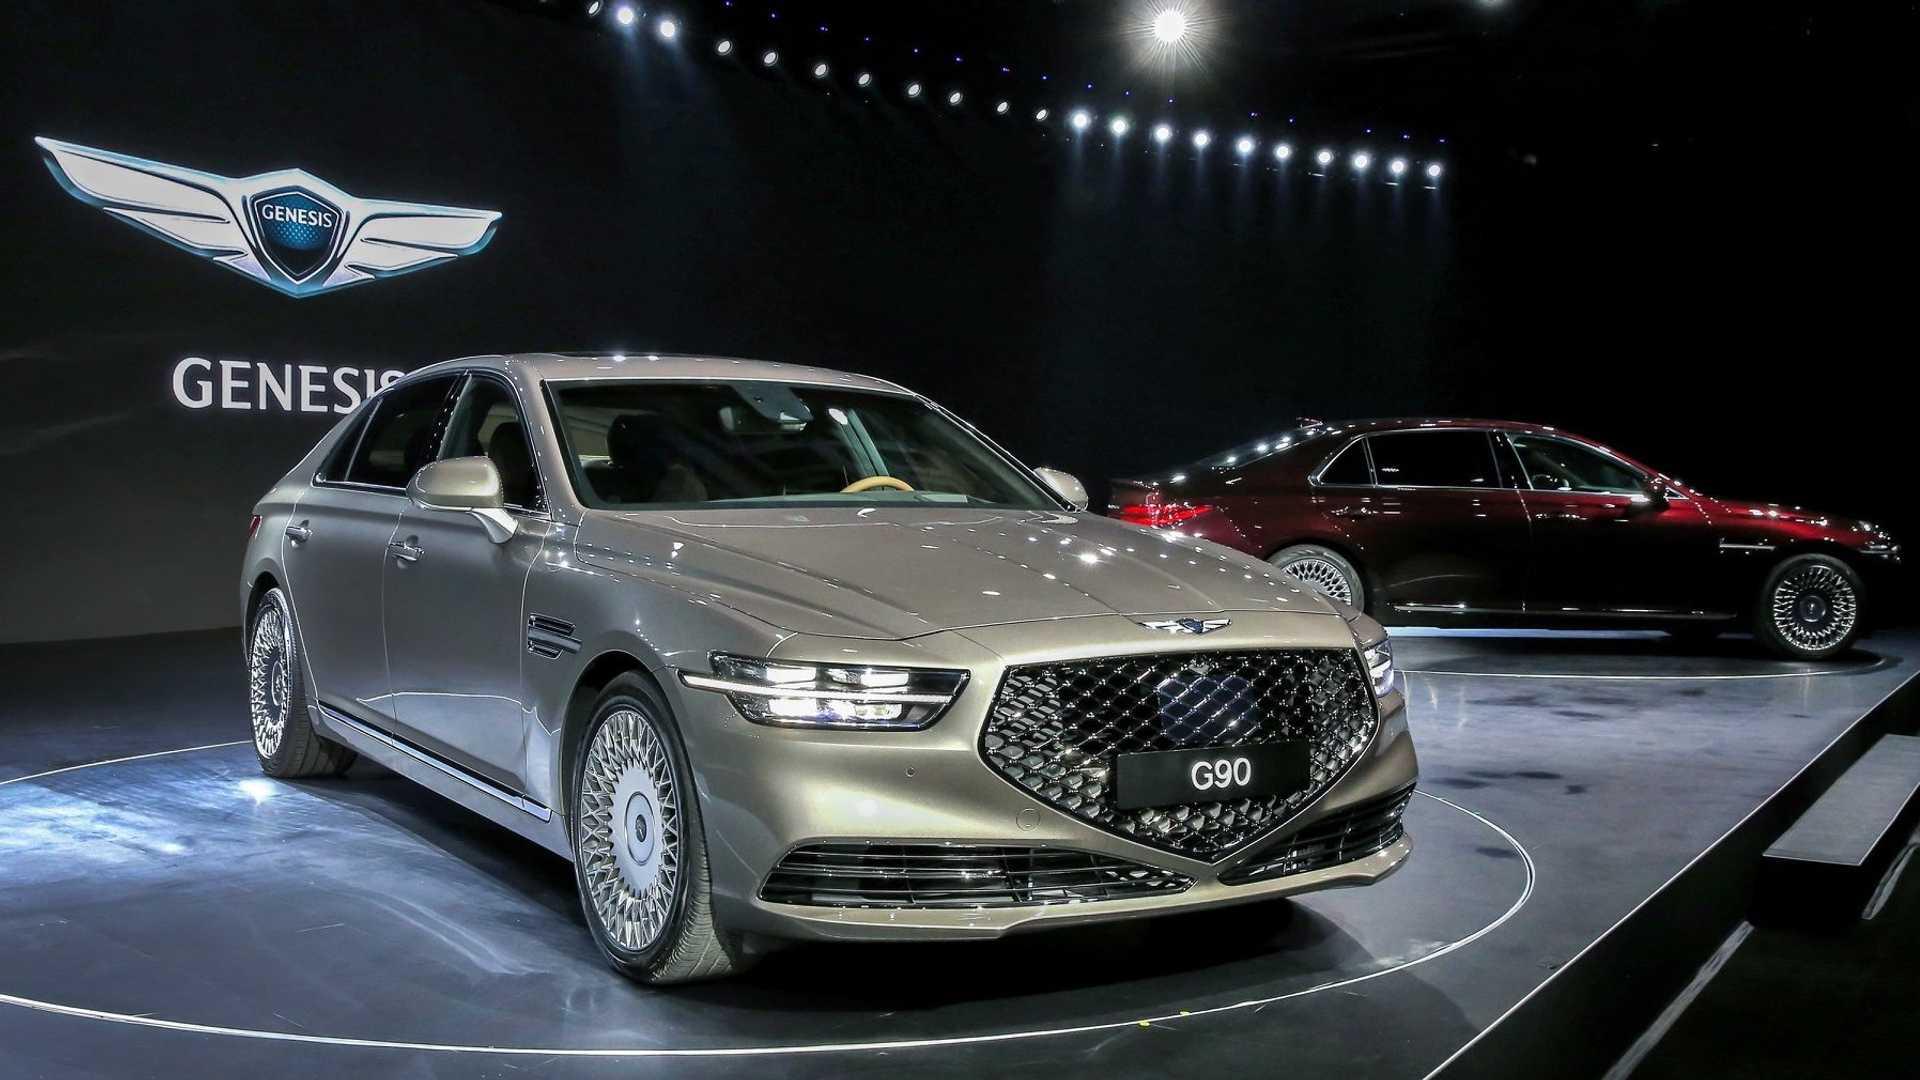 86 The 2020 Hyundai Genesis New Concept by 2020 Hyundai Genesis